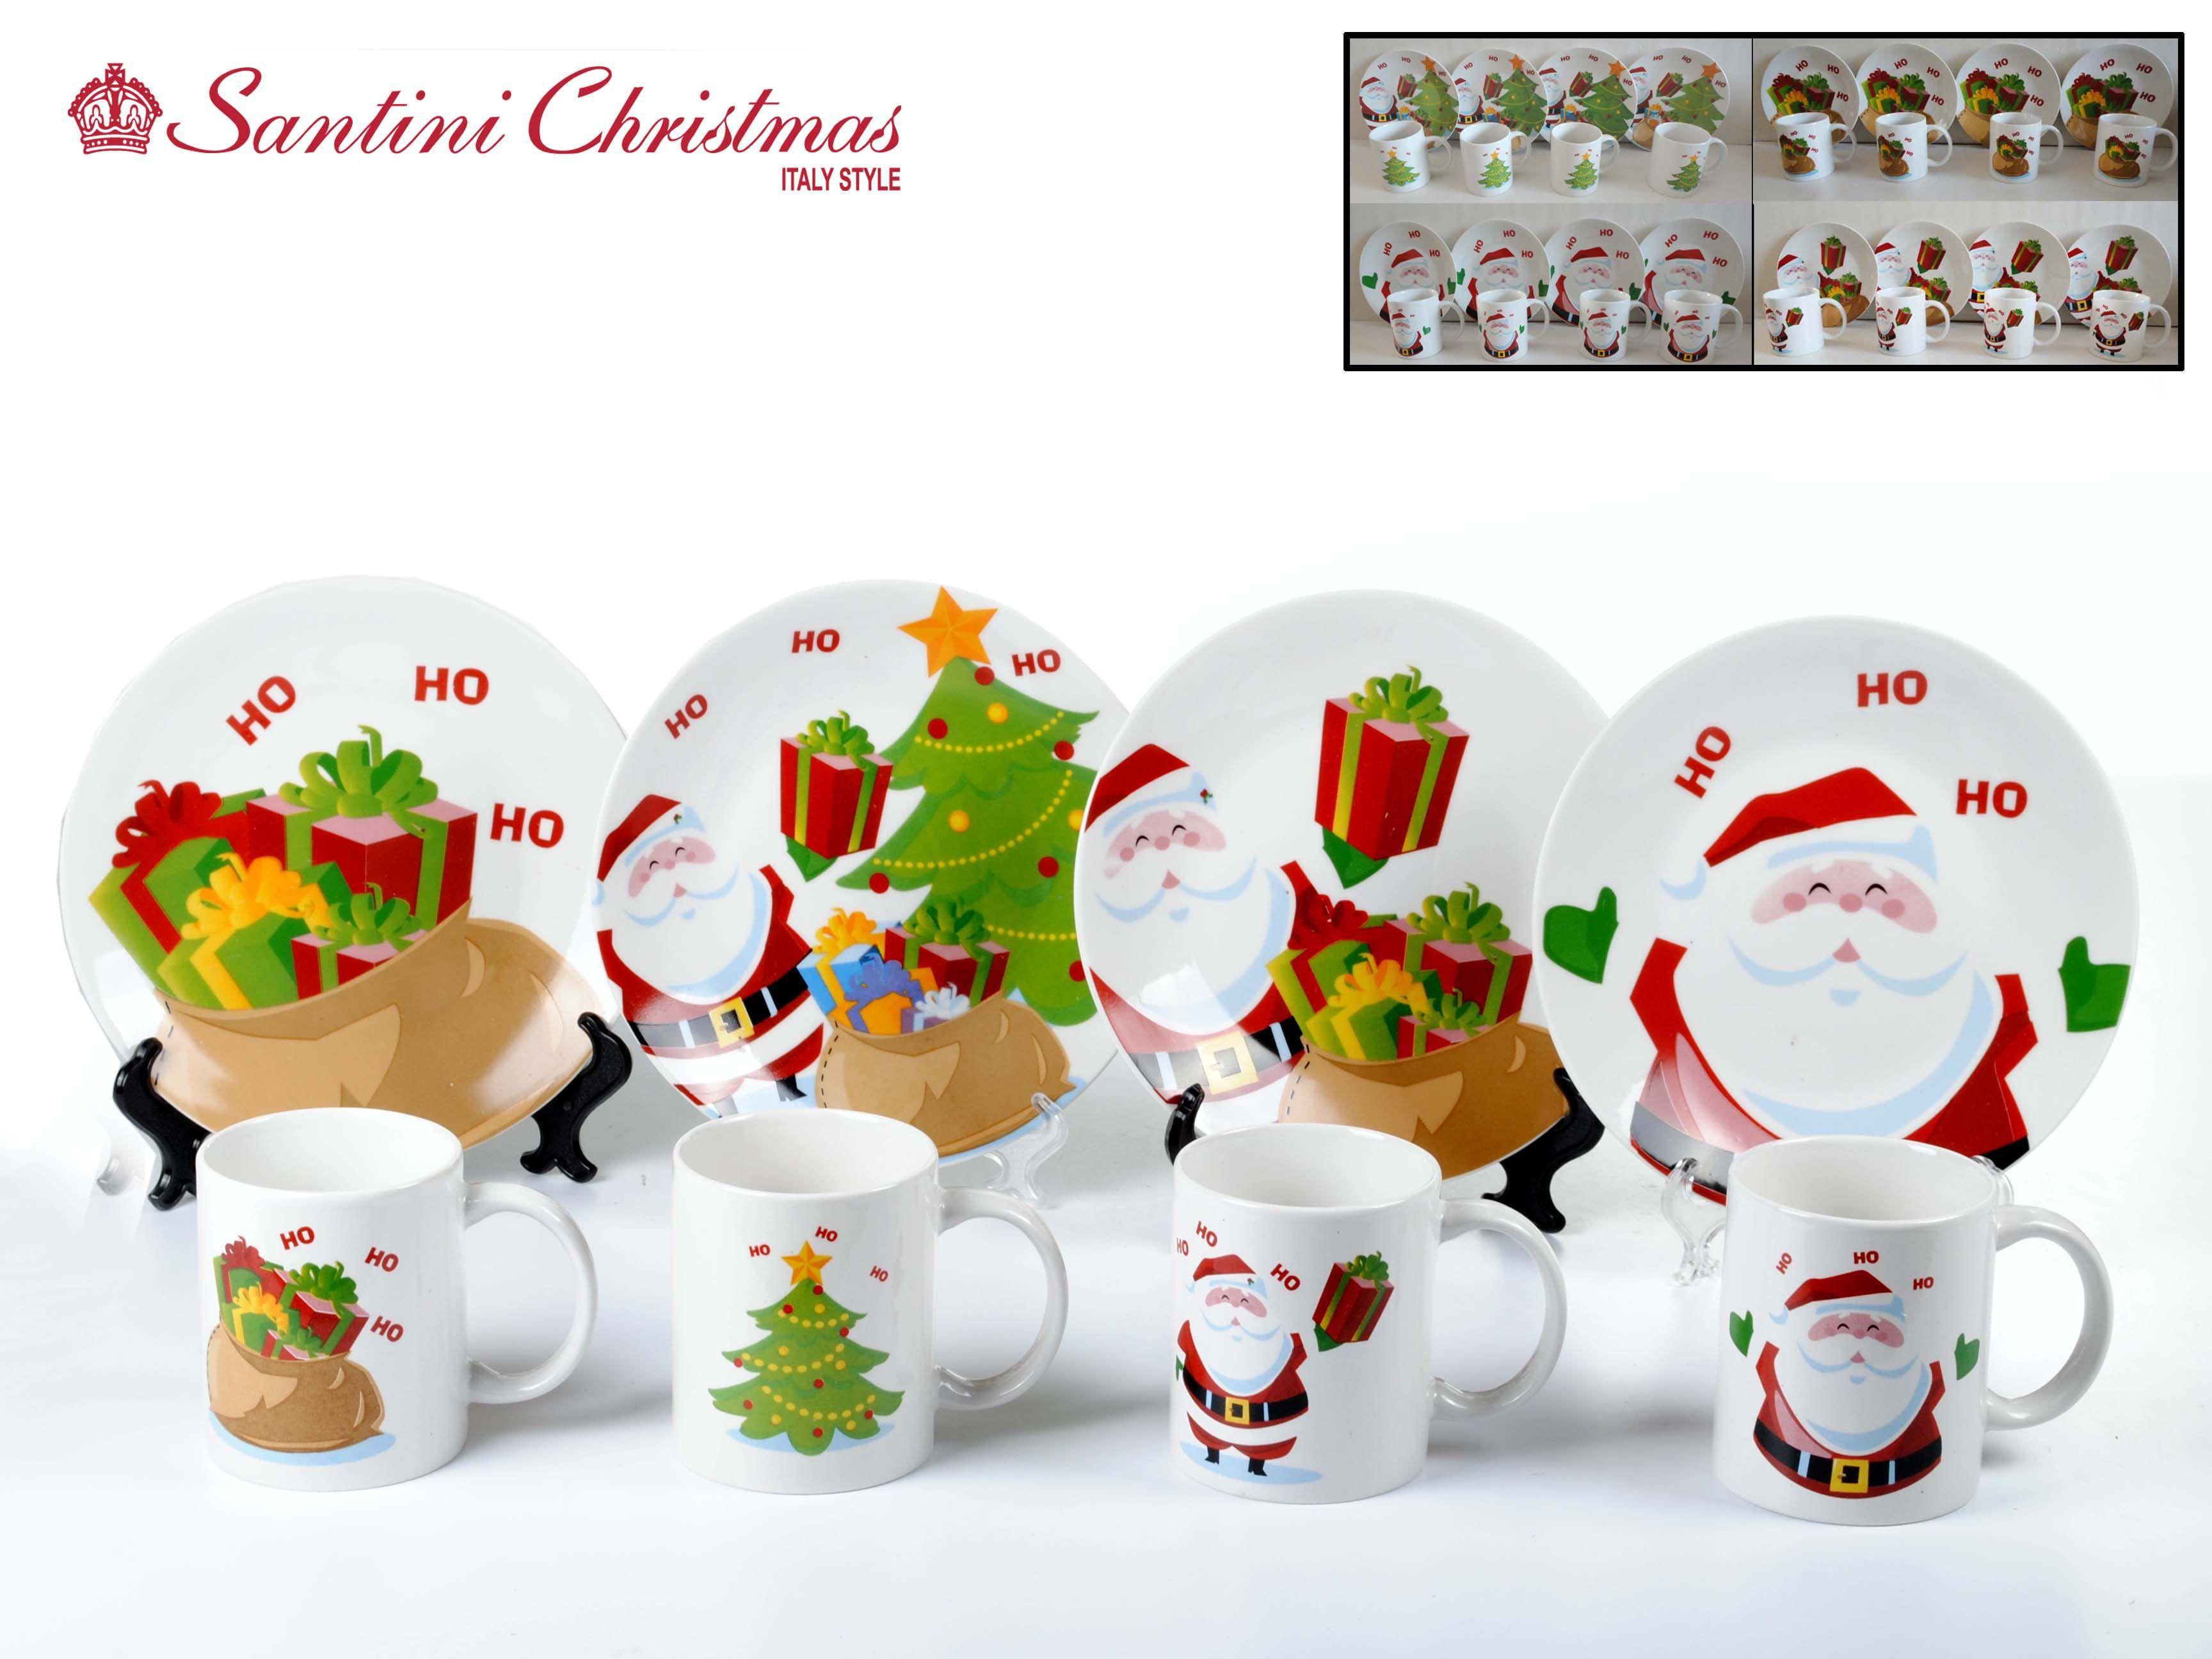 Set de platos y Mugs Ho Ho Ho! / Ho Ho Ho! Plate and